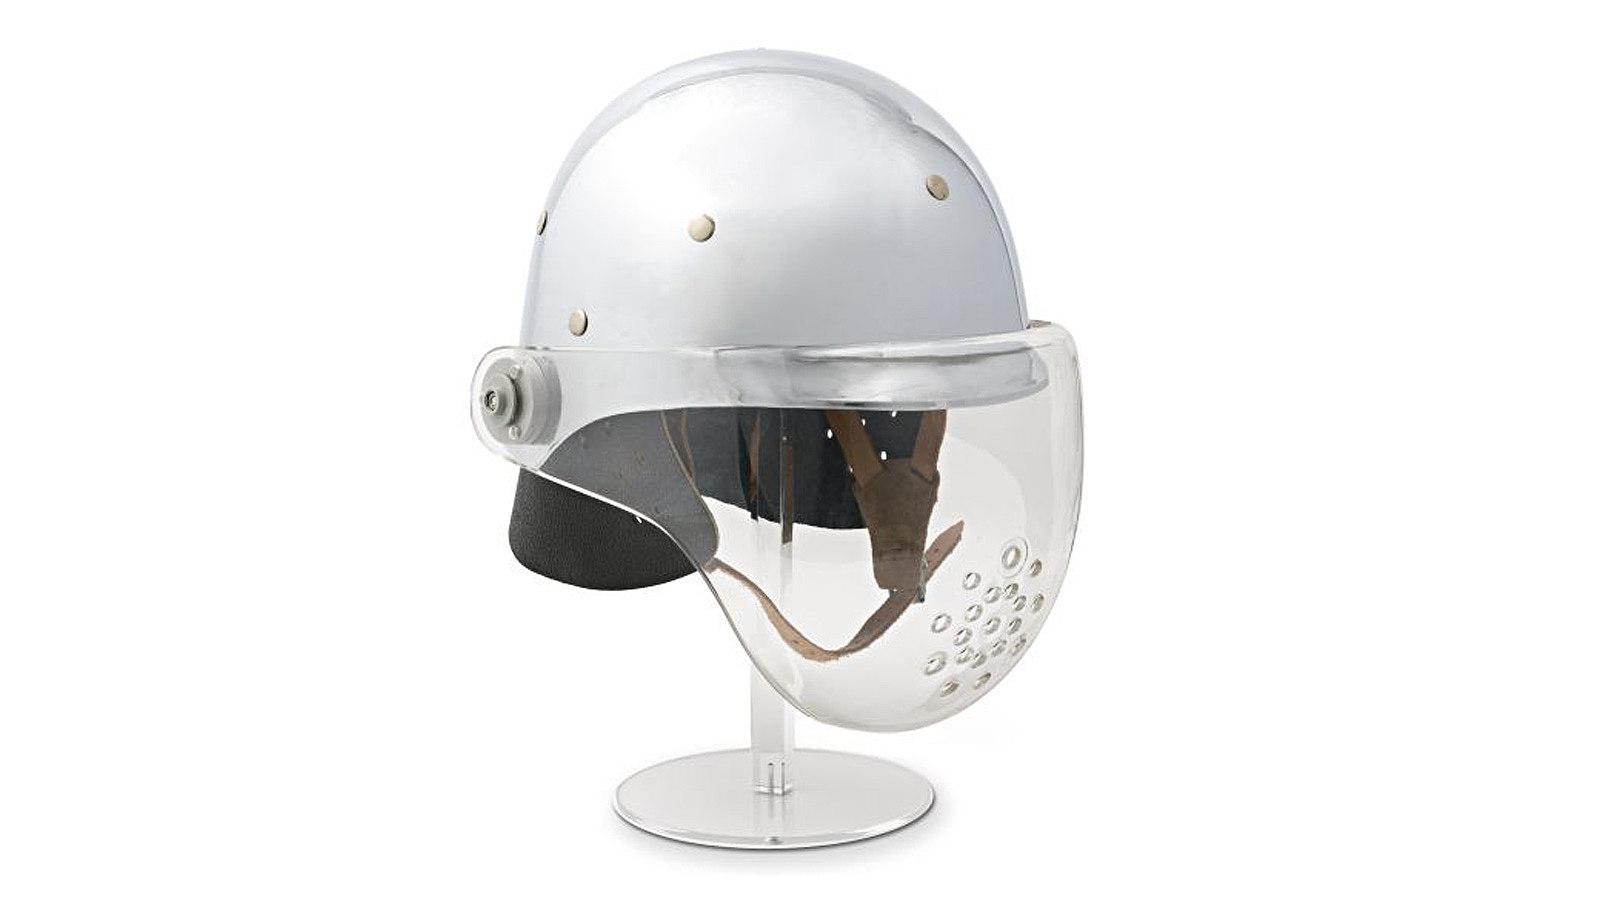 Silberner Design-Feuerwehrhelm